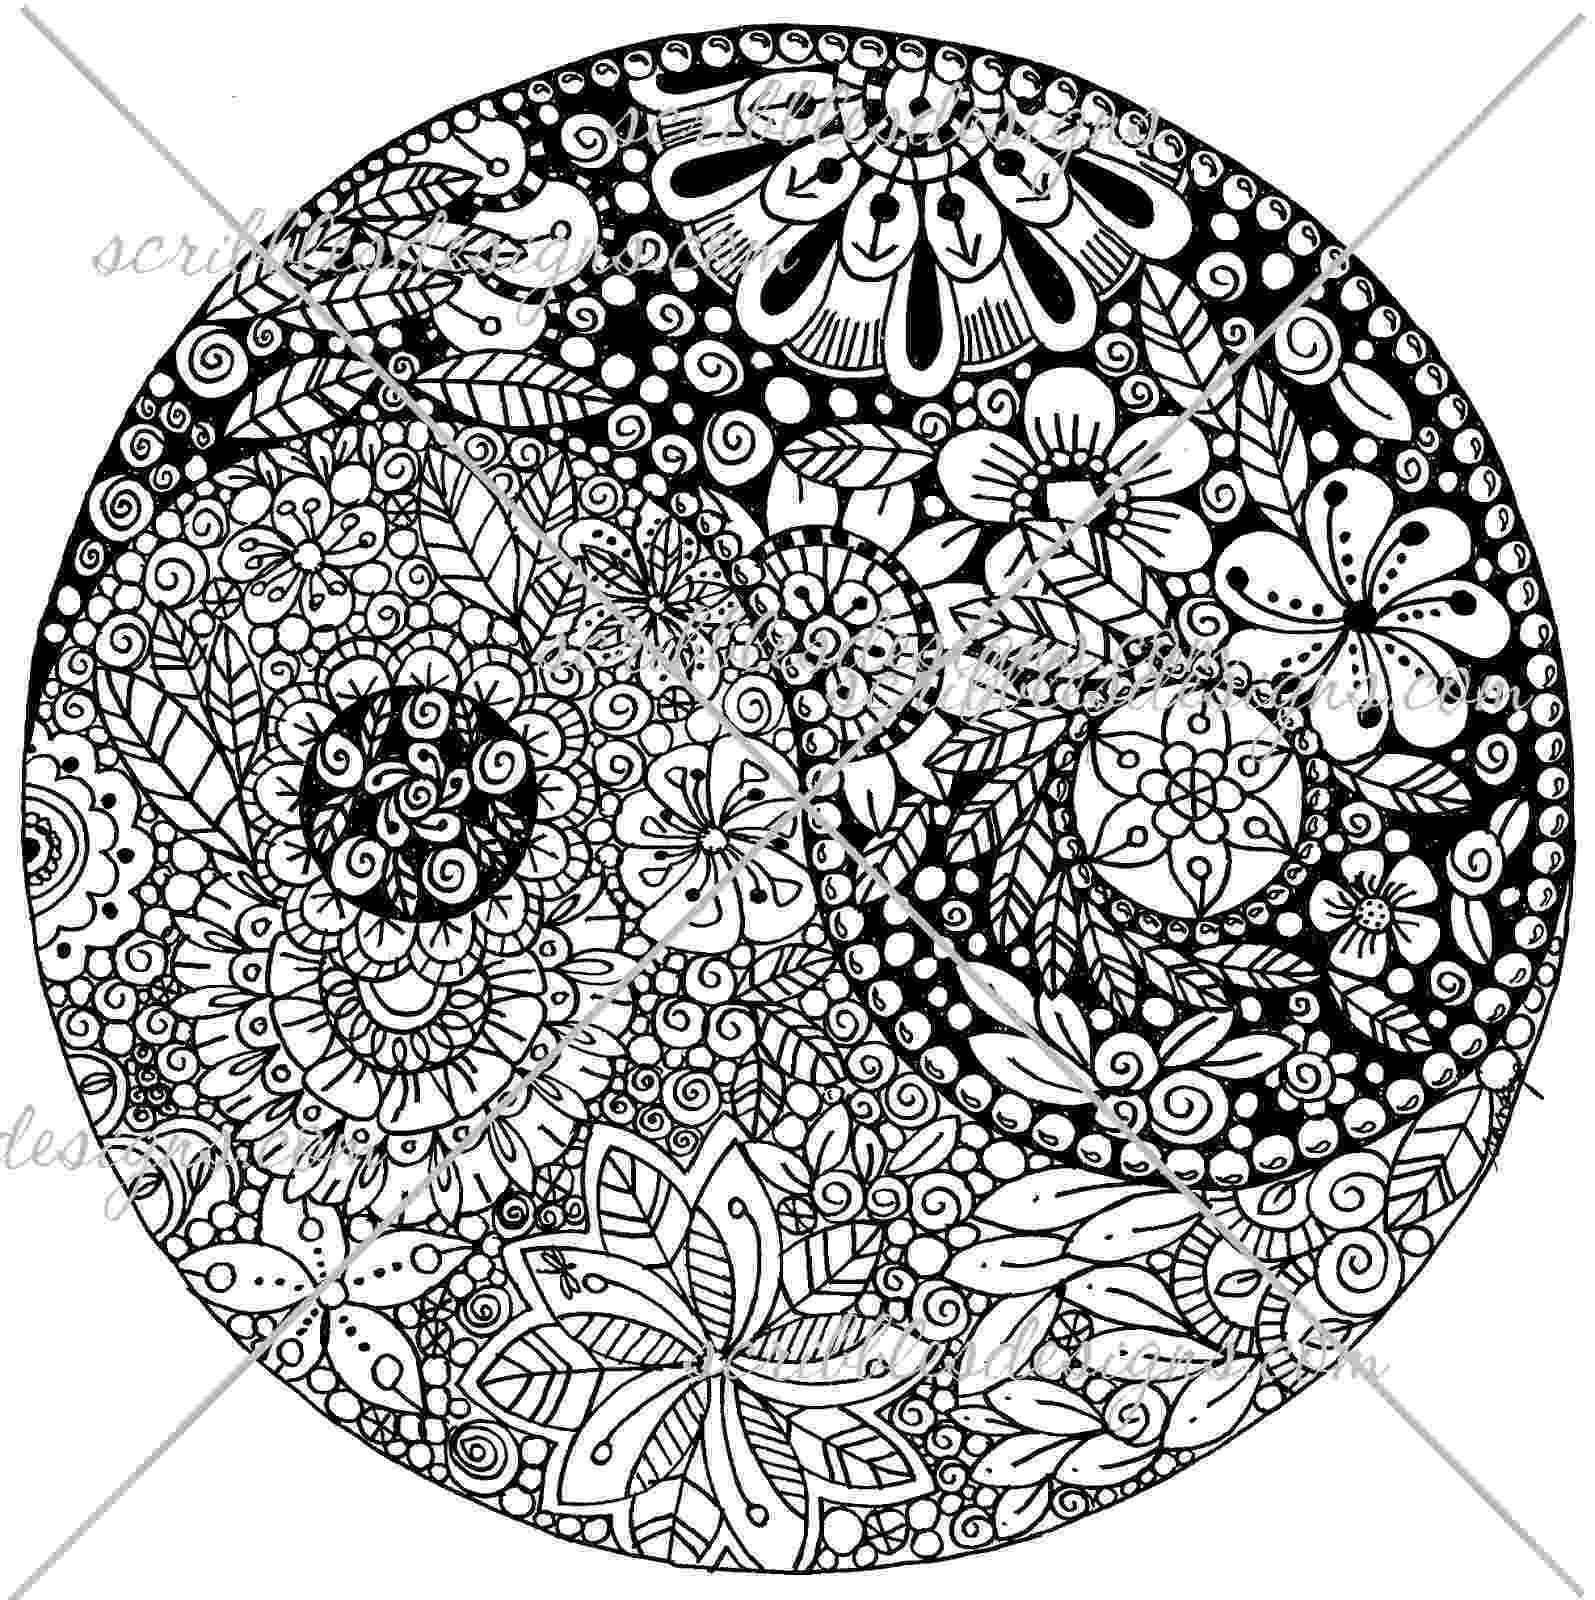 ying yang coloring pages ying yang coloring pages at getcoloringscom free coloring ying yang pages 1 1